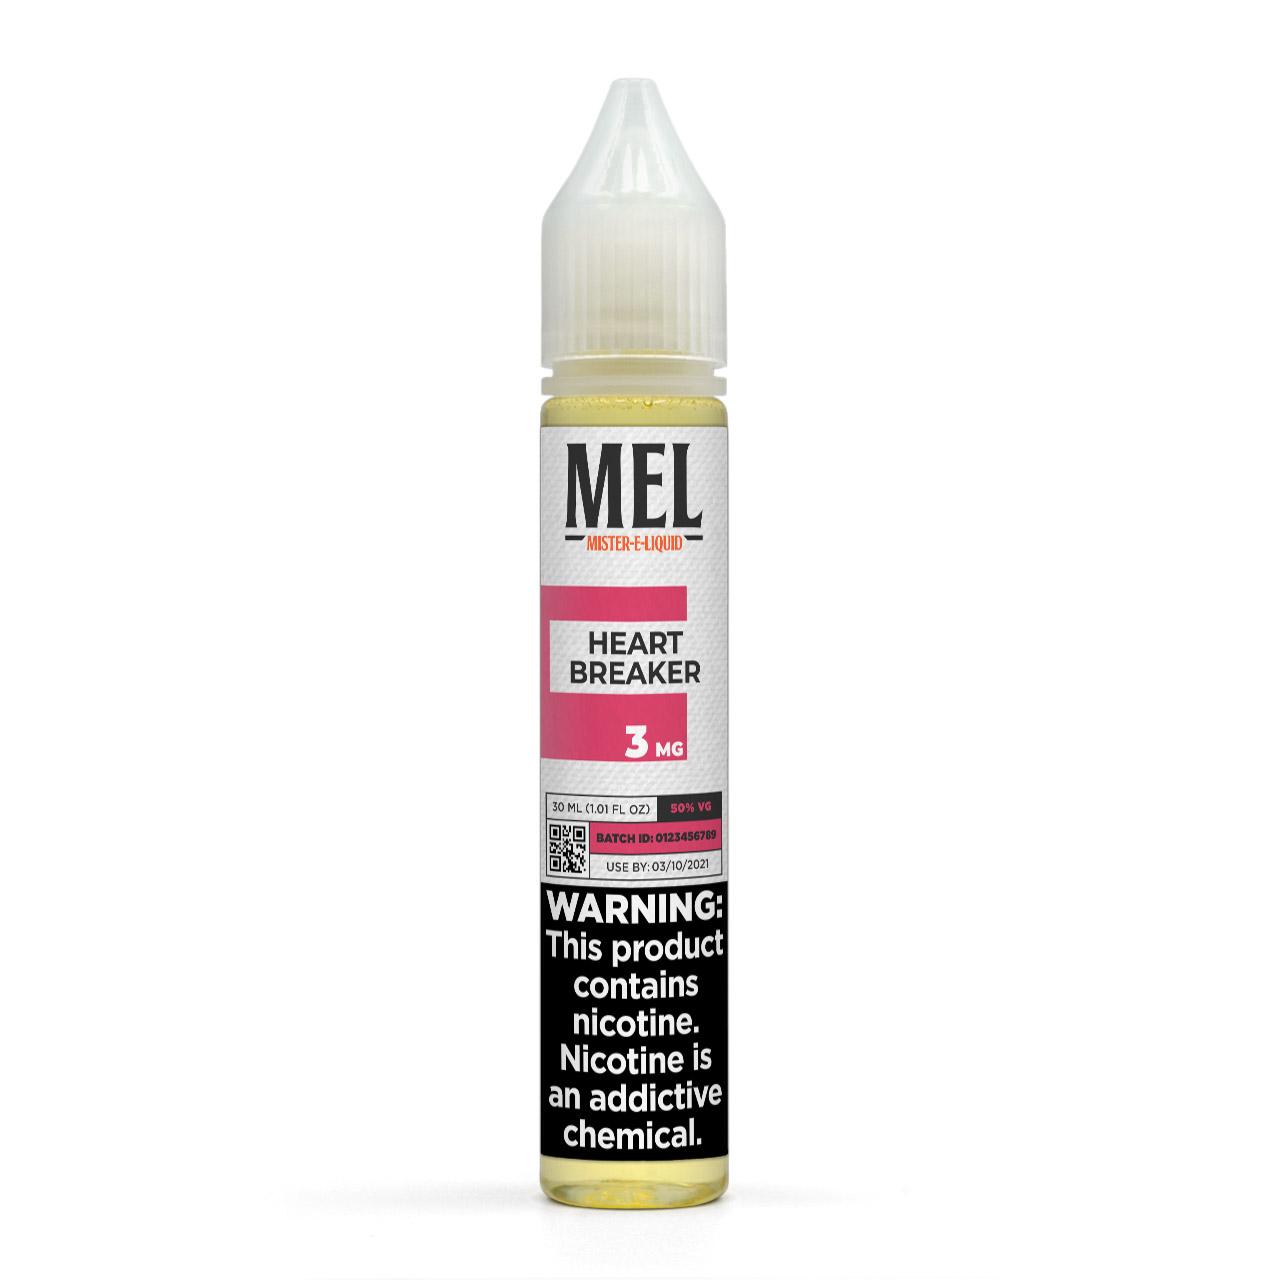 MEL Heartbreaker Vape Juice, 3 mg